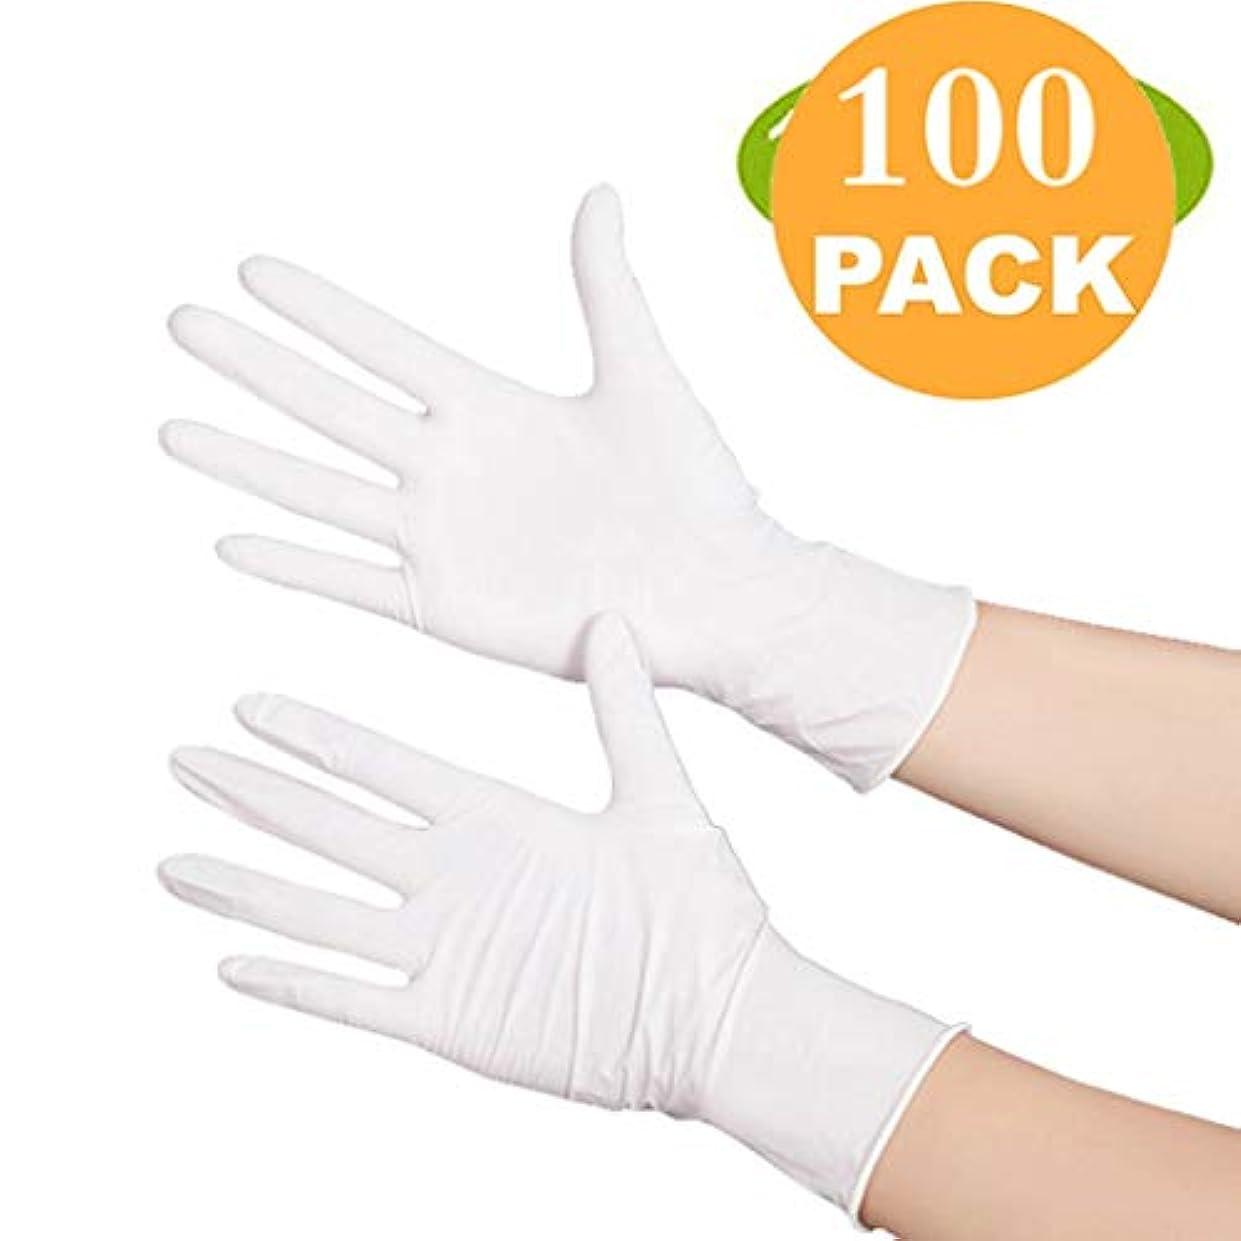 花フック実り多いニトリル使い捨てゴム手袋ラテックスラテックスゴム実験労働保険の保護家事医療-100パーボックス (Size : L)